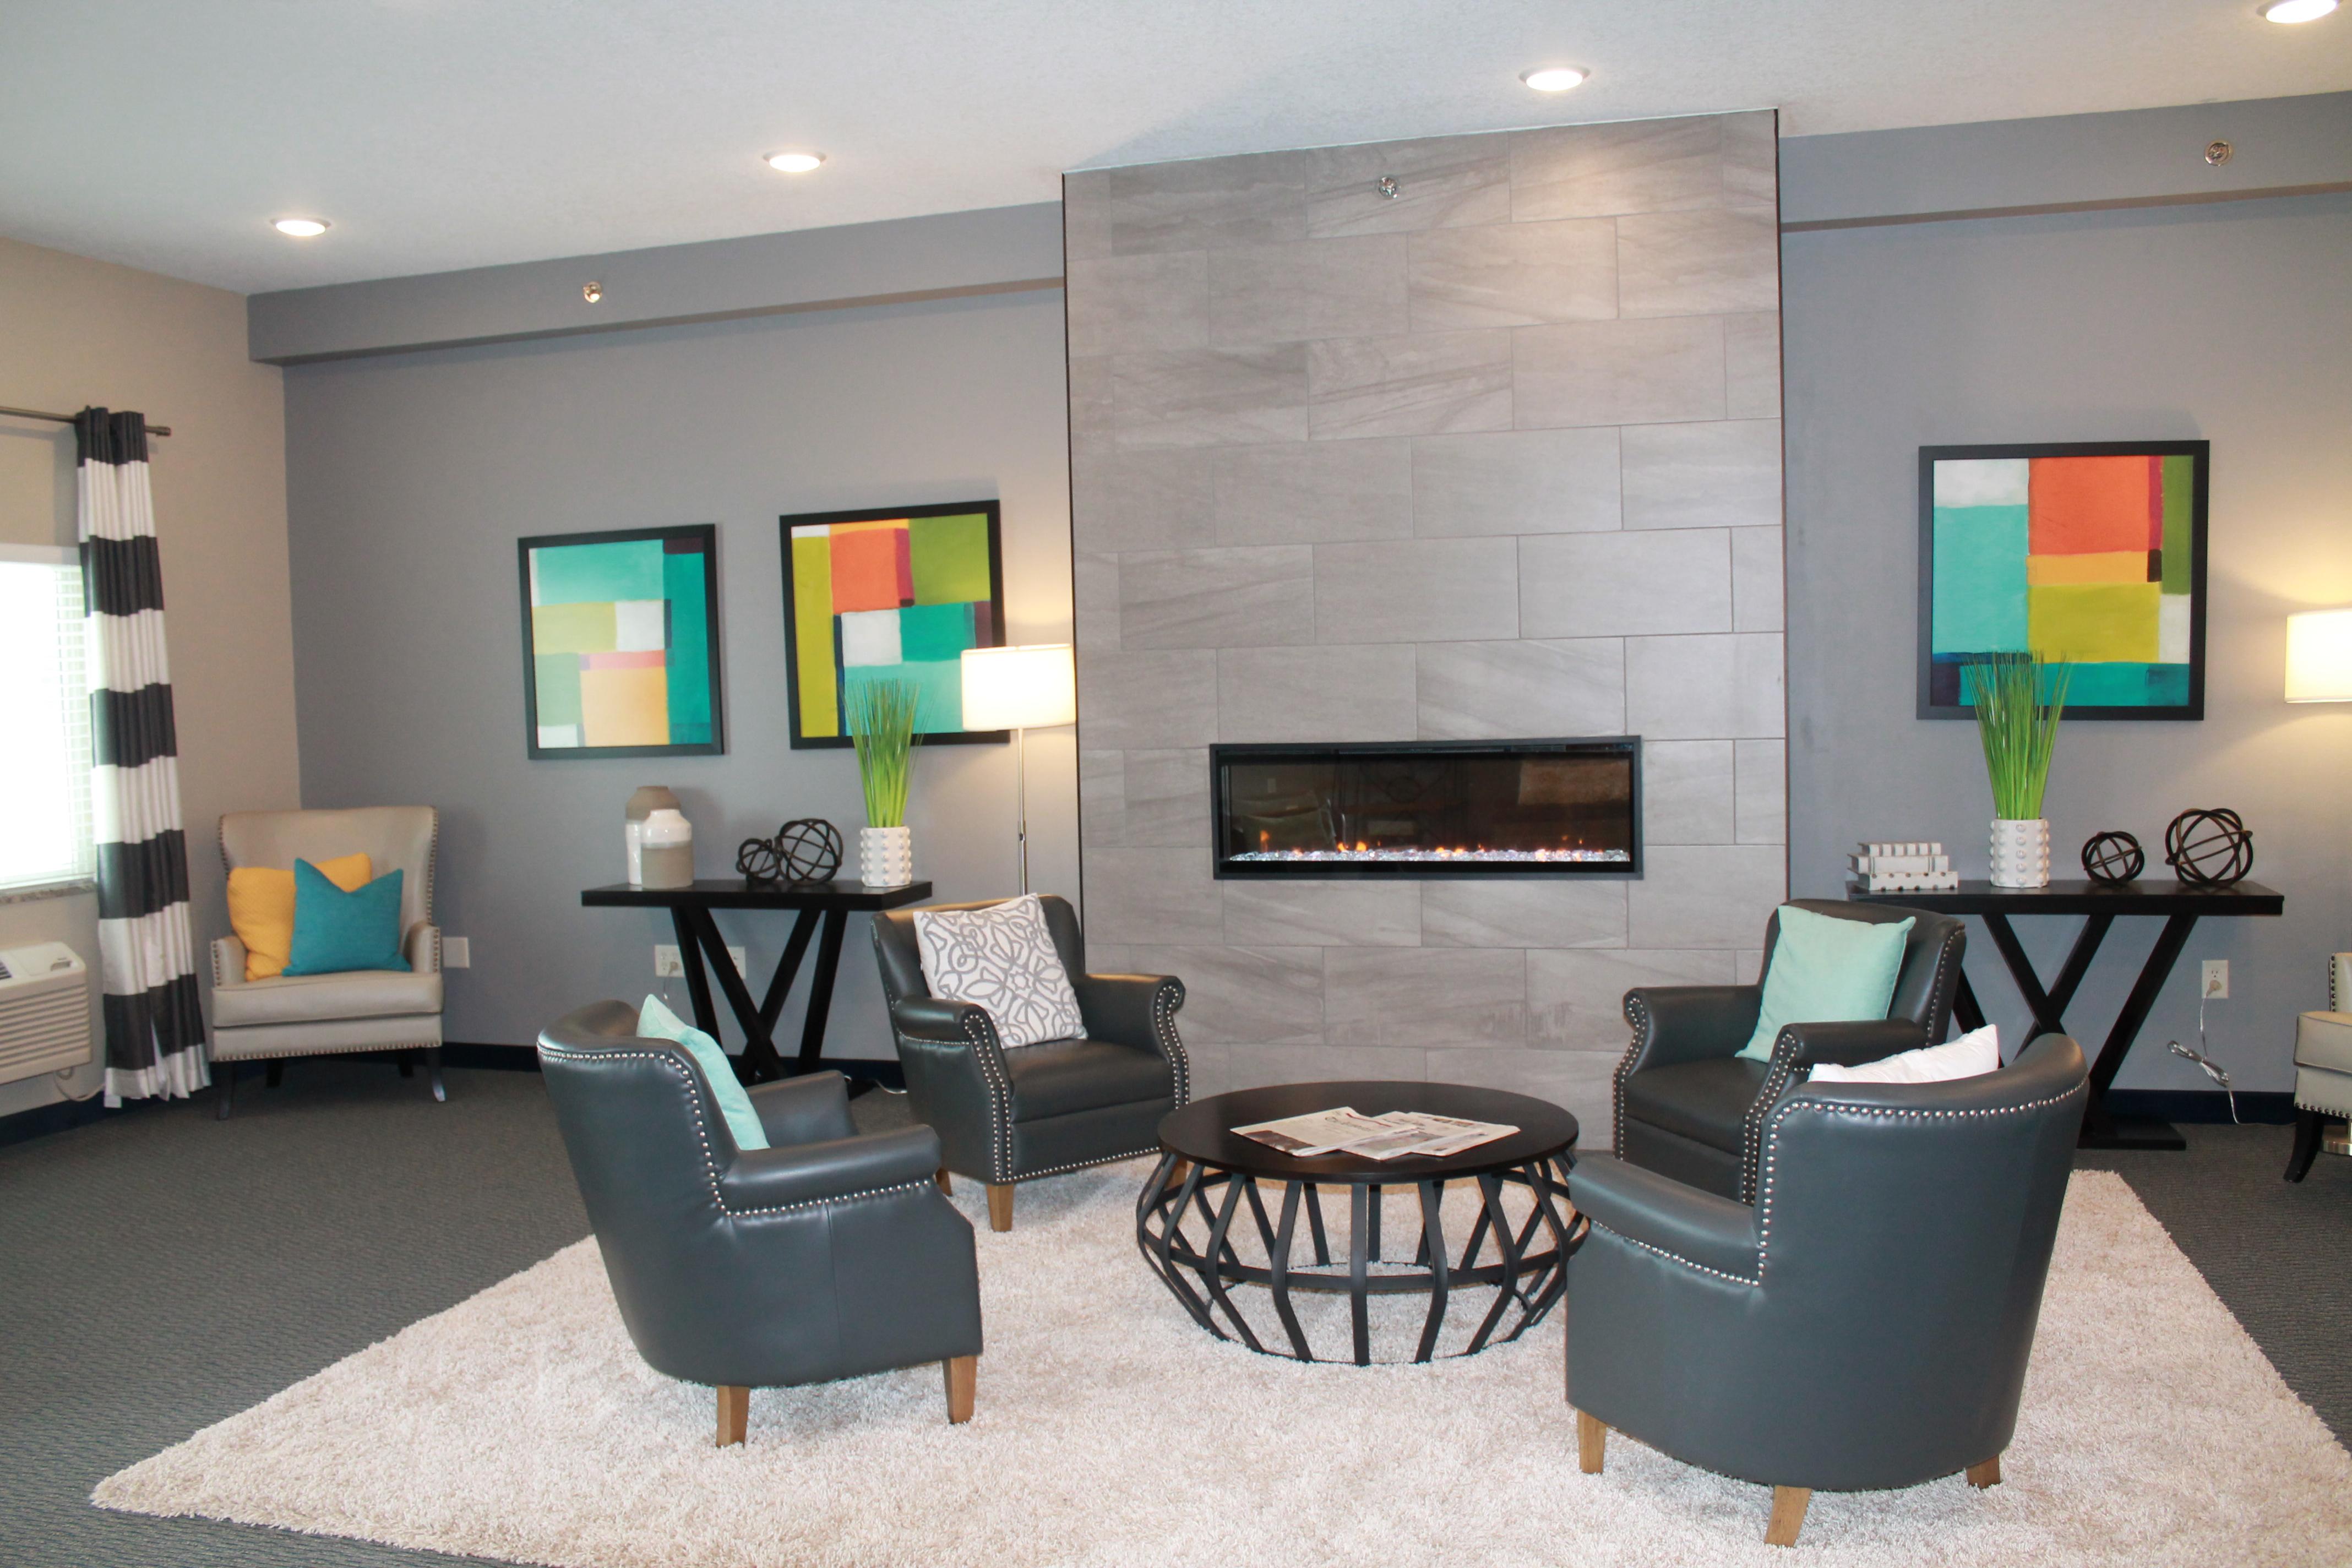 Brookstone Lodge & Suites image 0